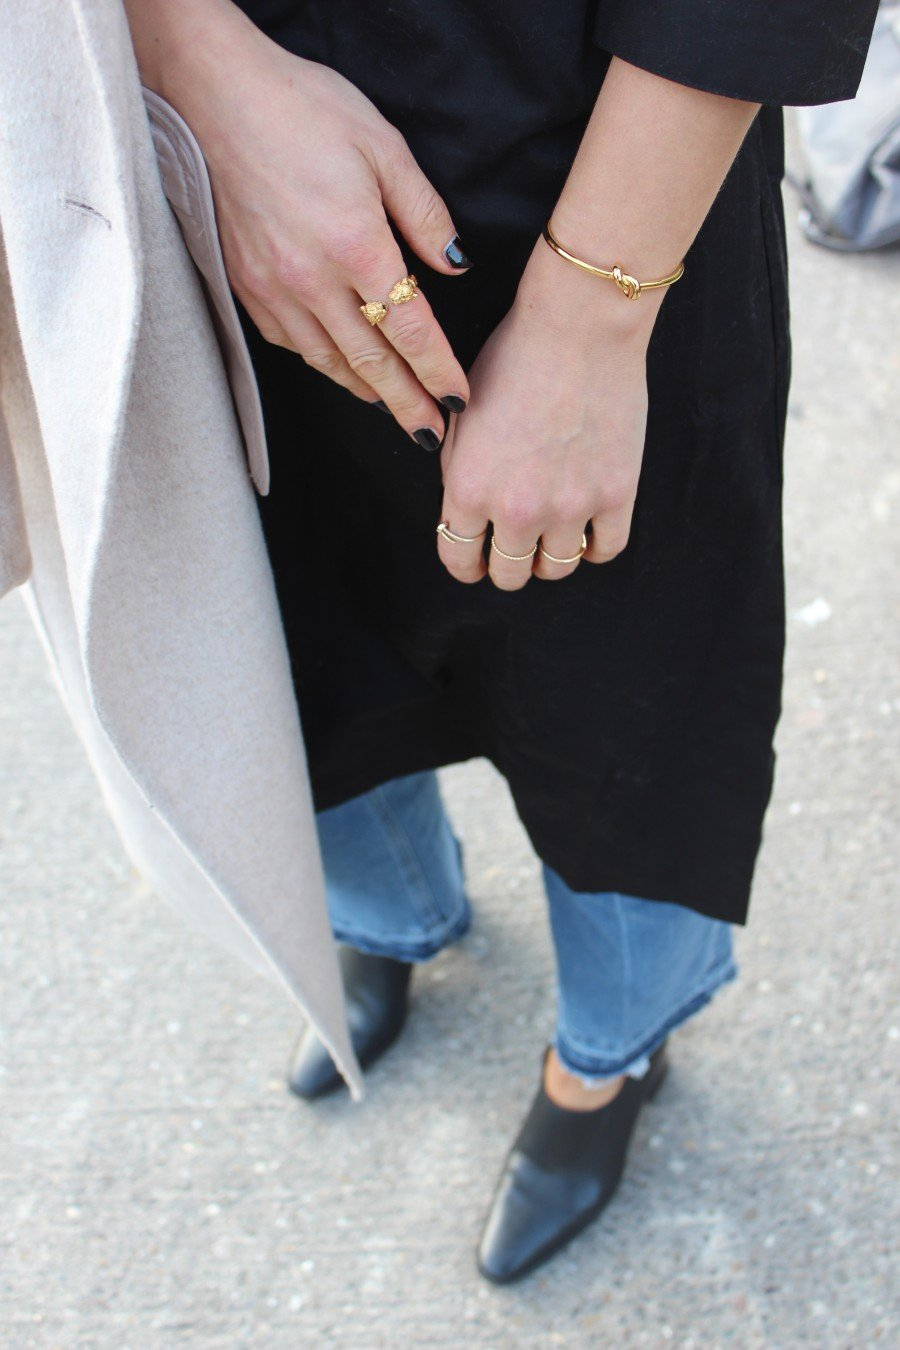 Céline Armband knot braclet